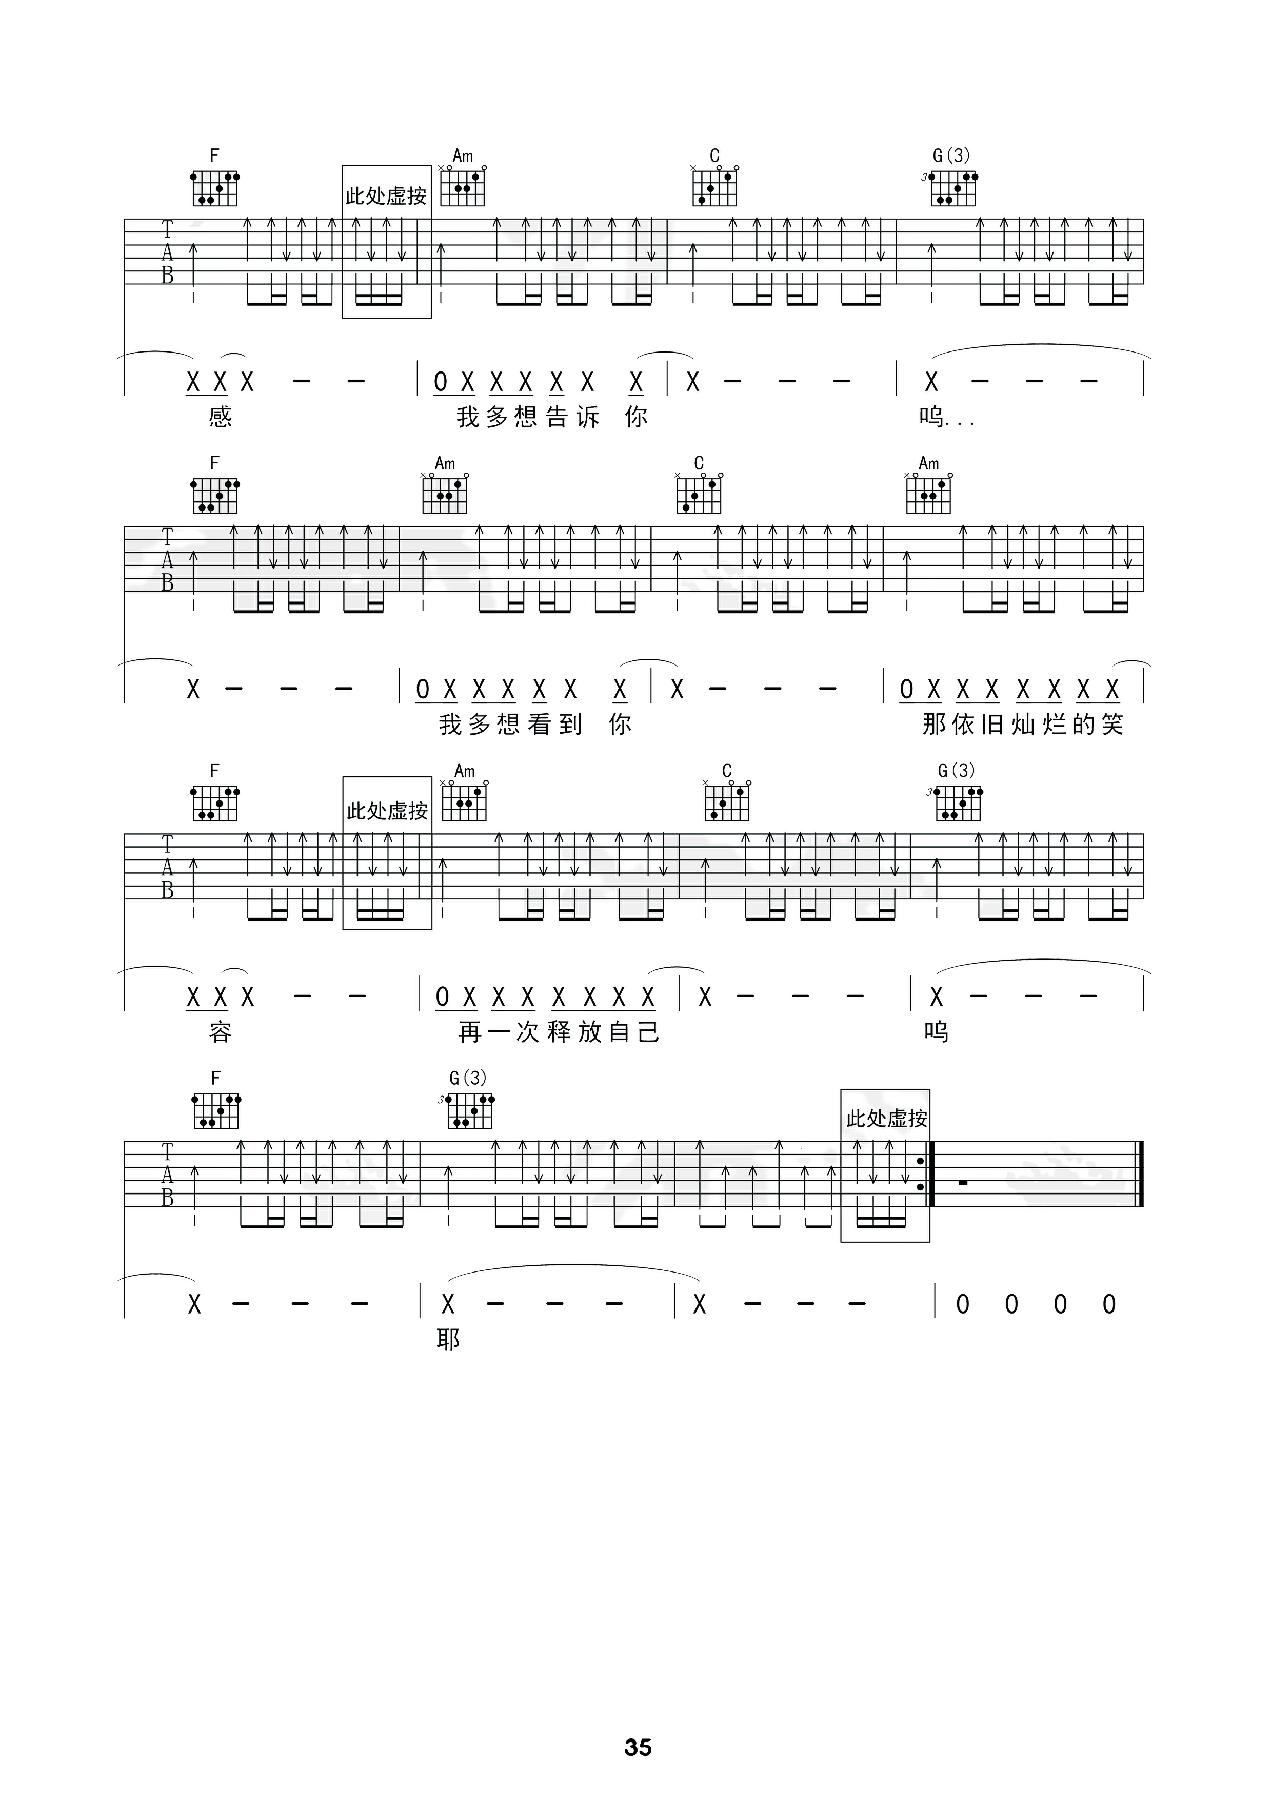 完美生活(必弹吉他)吉他谱(图片谱,伴奏,弹唱,简单版)_许巍_kgnggsfv0bajfvfd2l7v.png